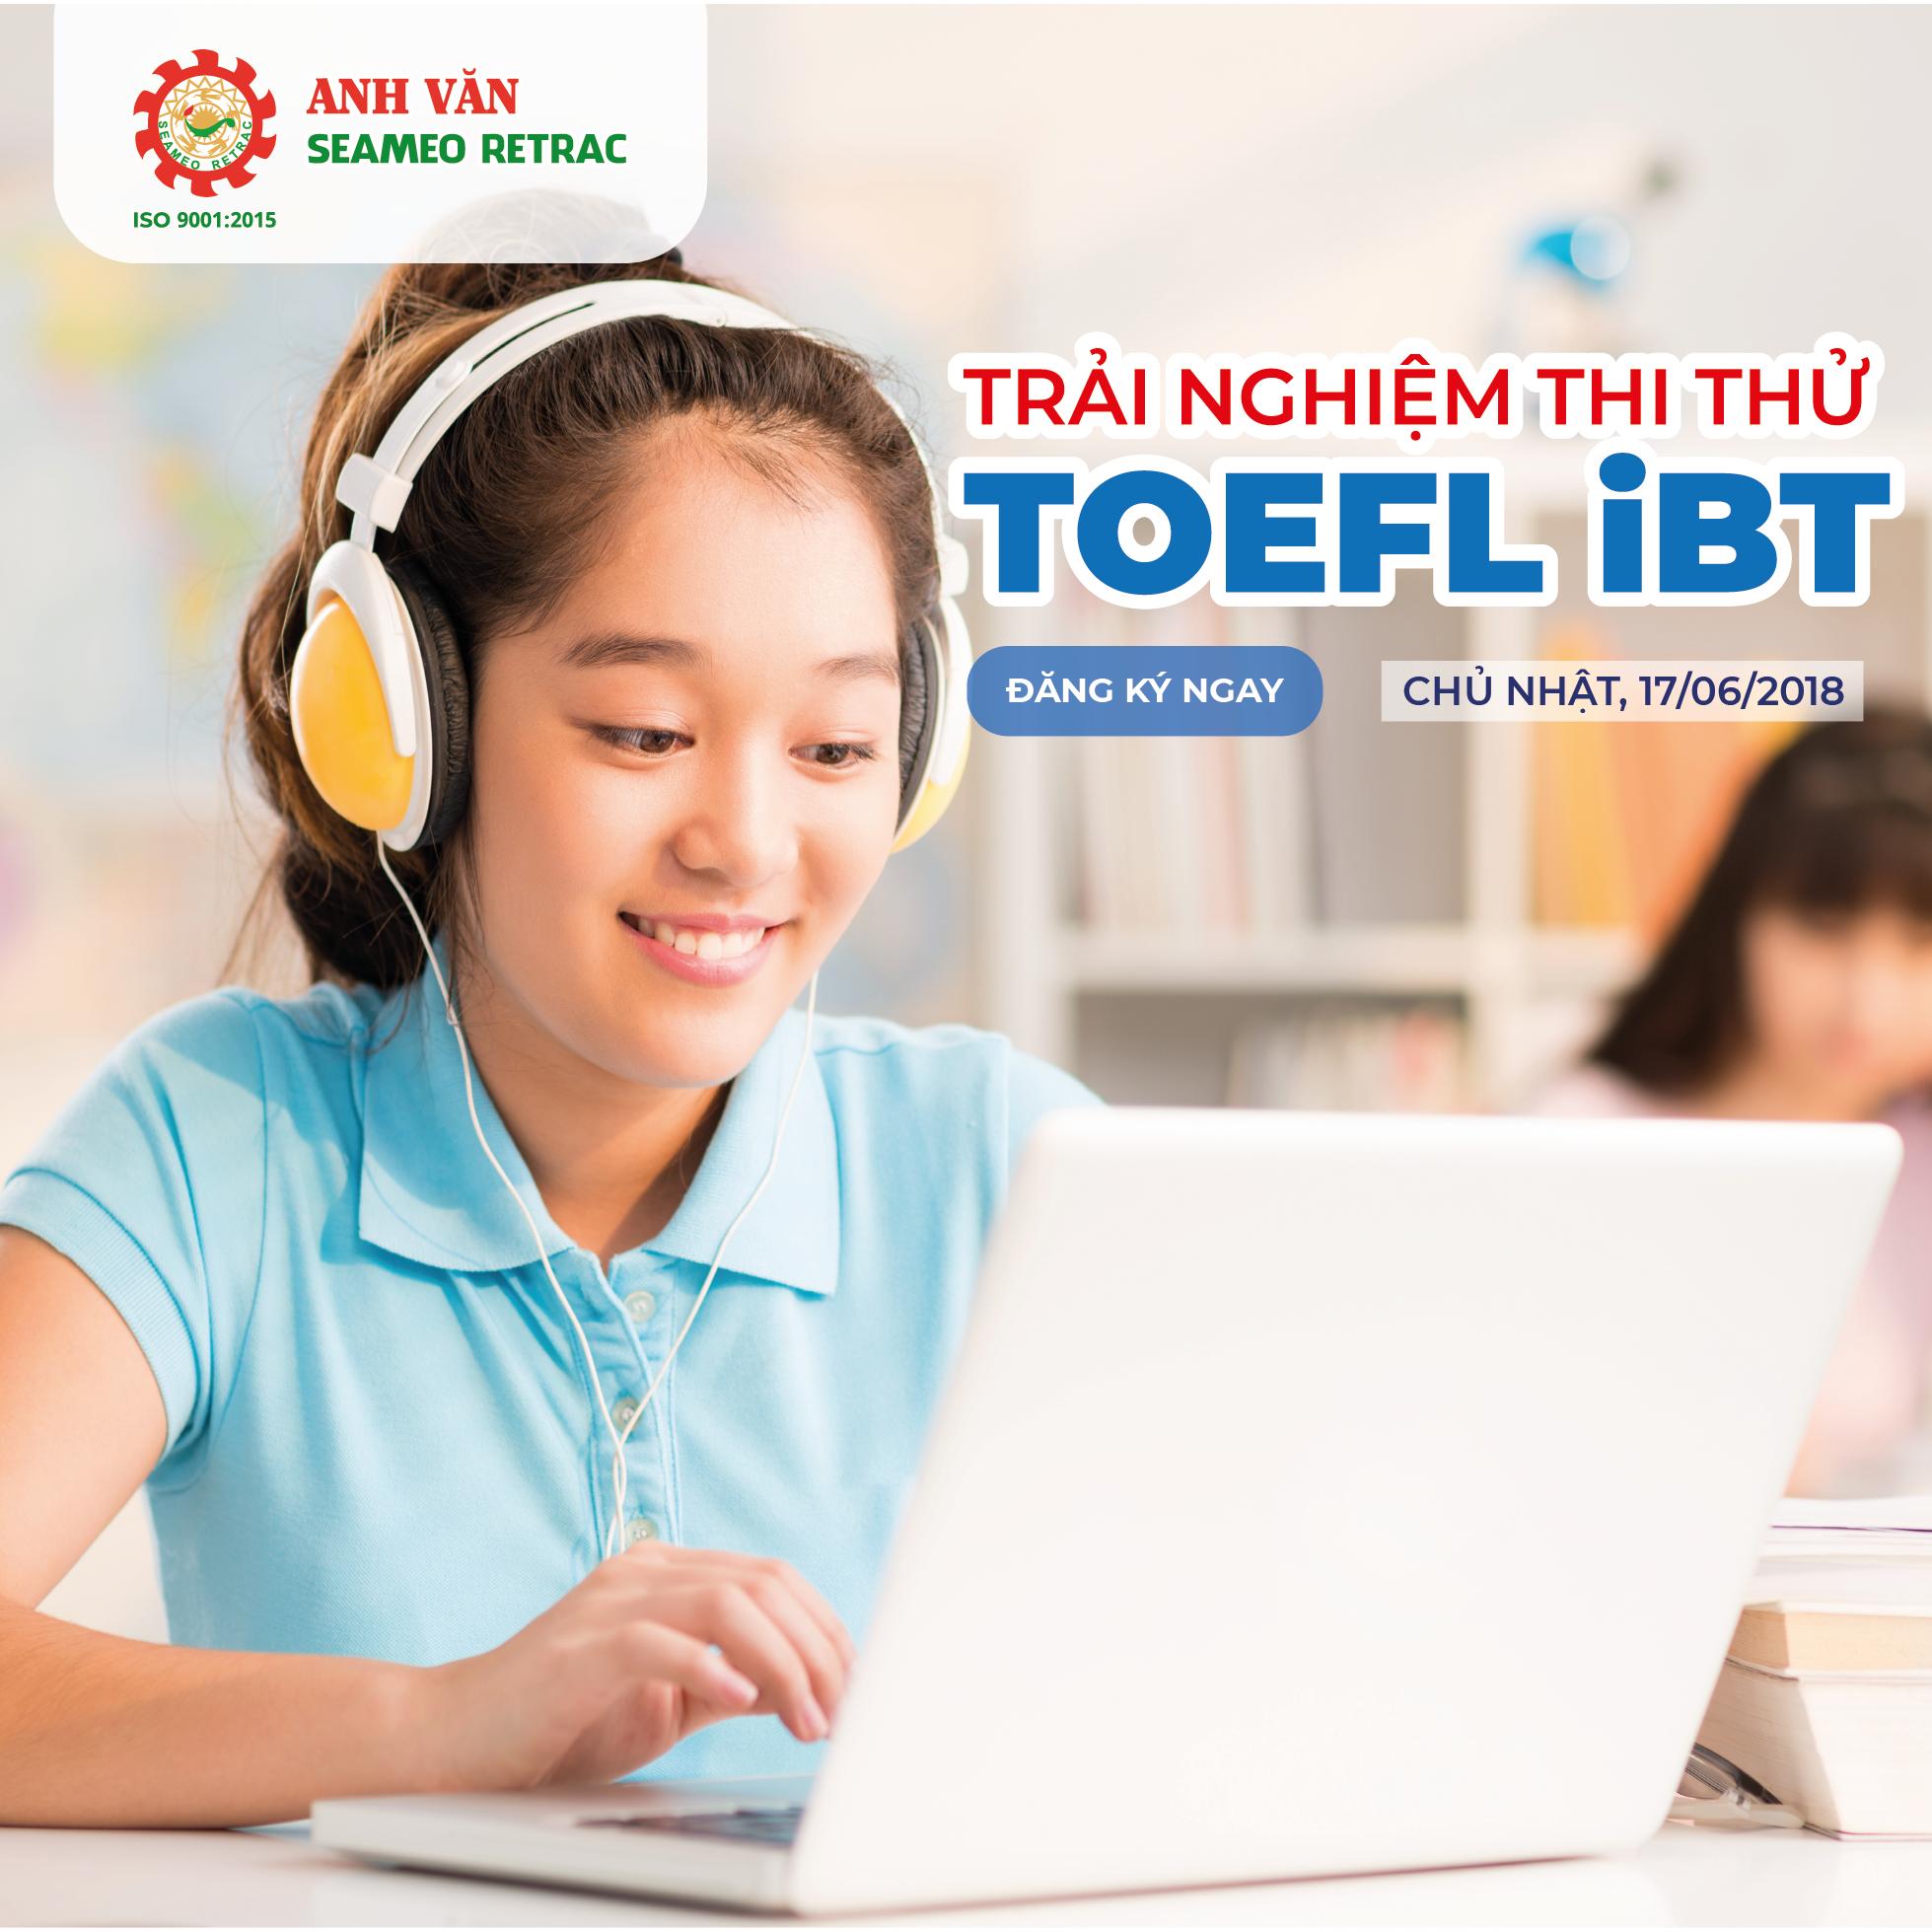 TRẢI NGHIỆM THI THỬ TOEFL – IBT TẠI SEAMEO RETRAC!